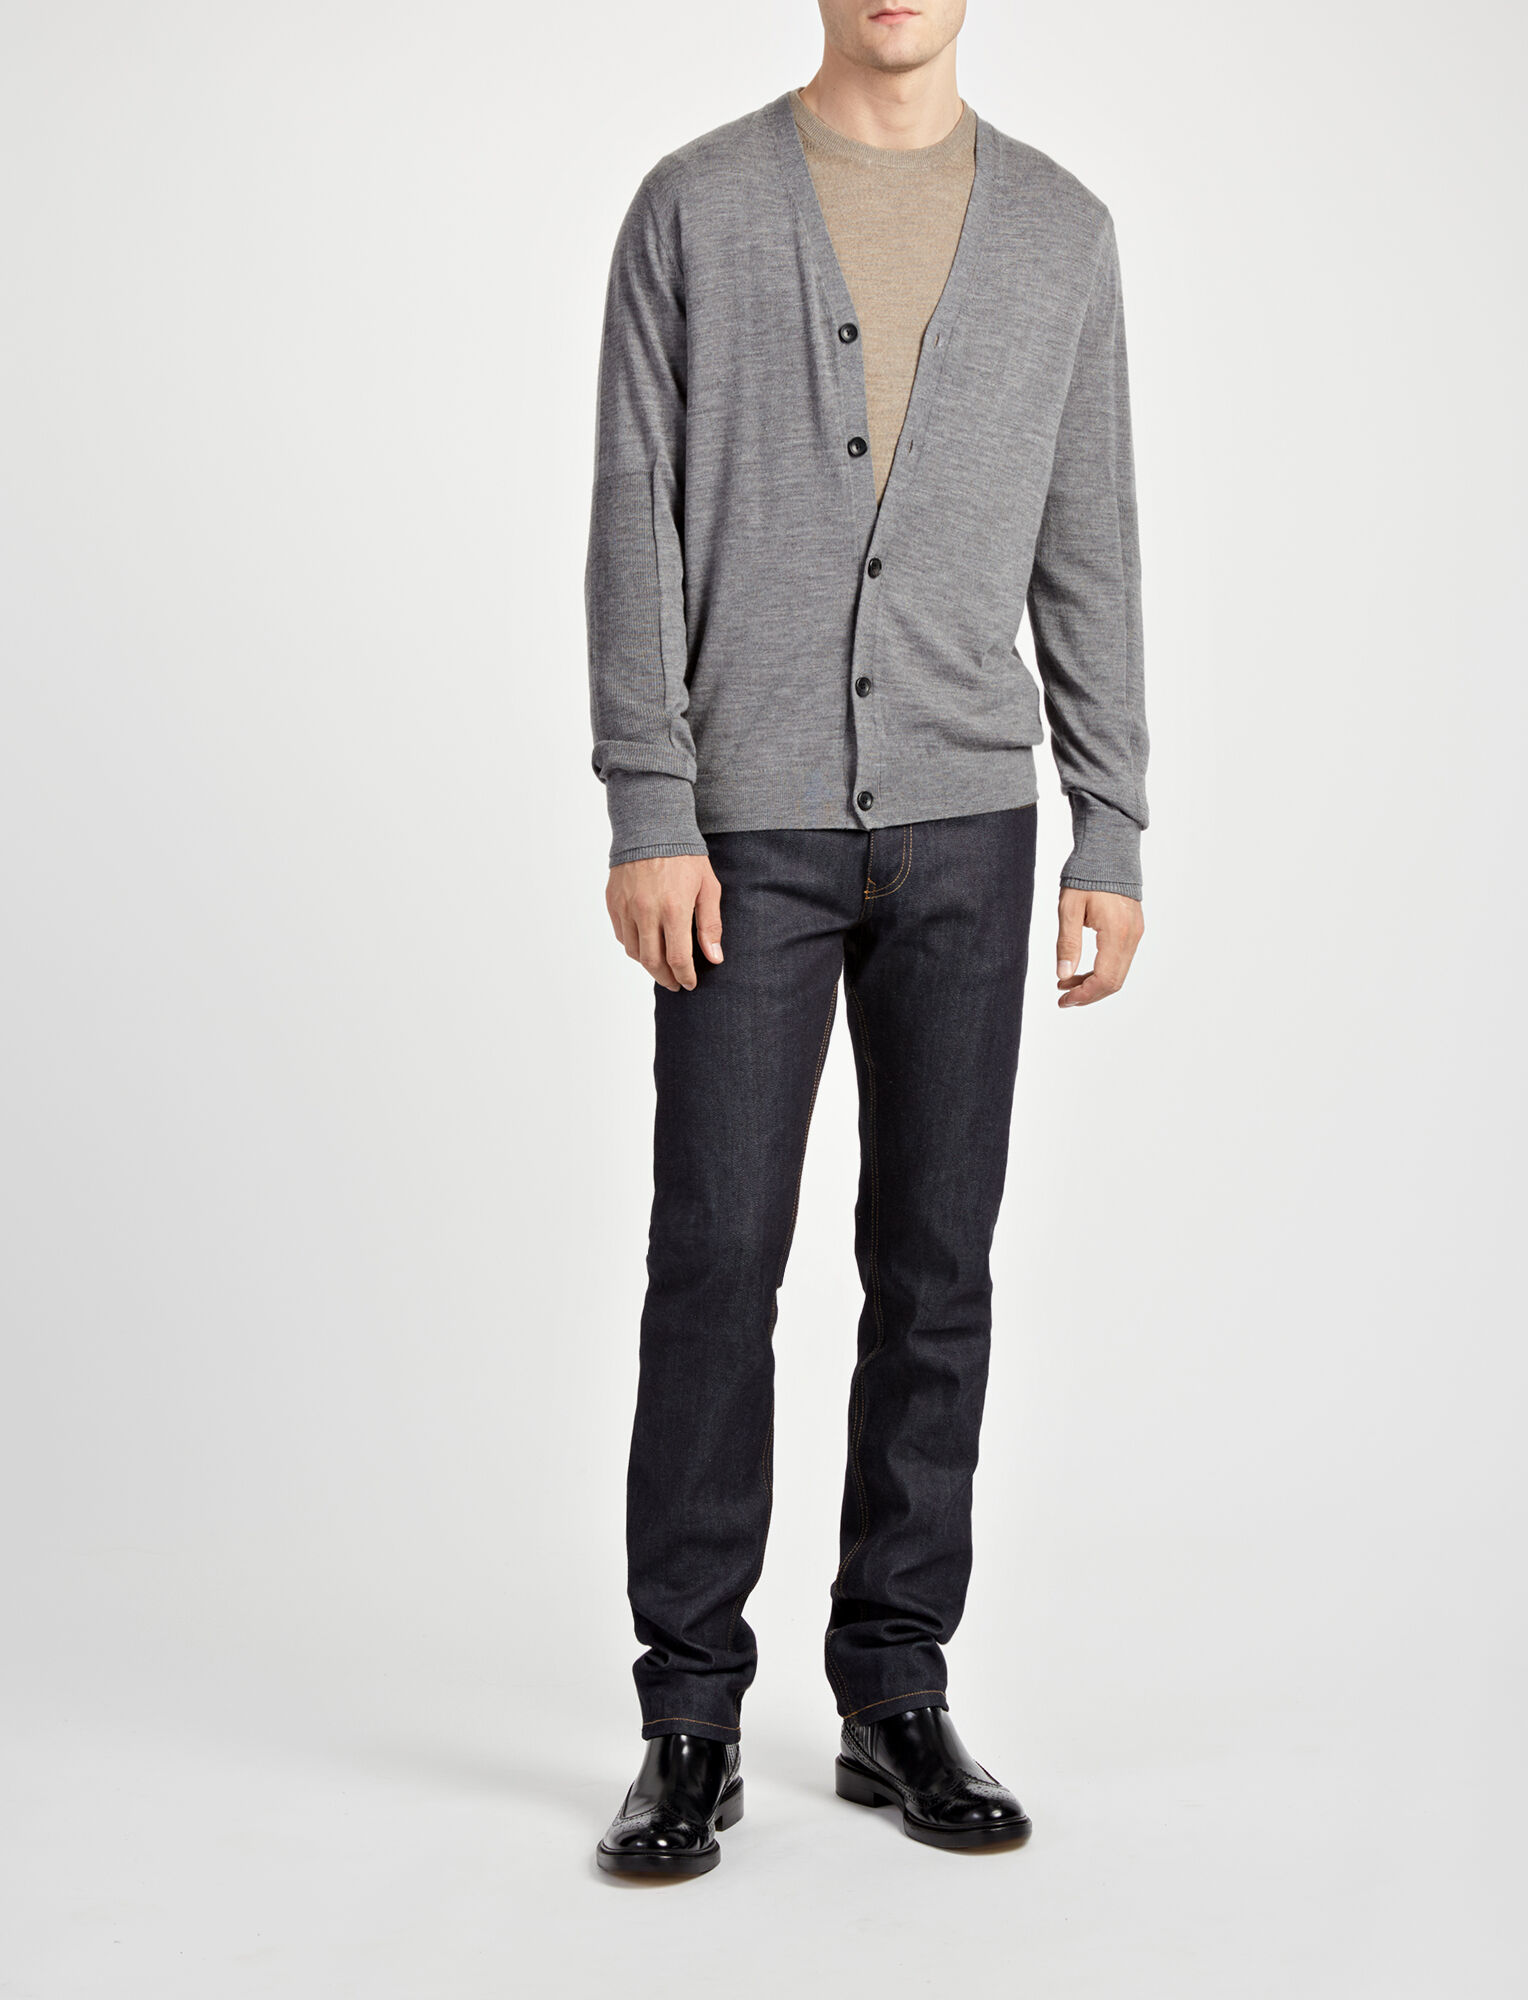 Joseph, Cardigan en laine mérinos côtelée et patch, in GRAPHITE